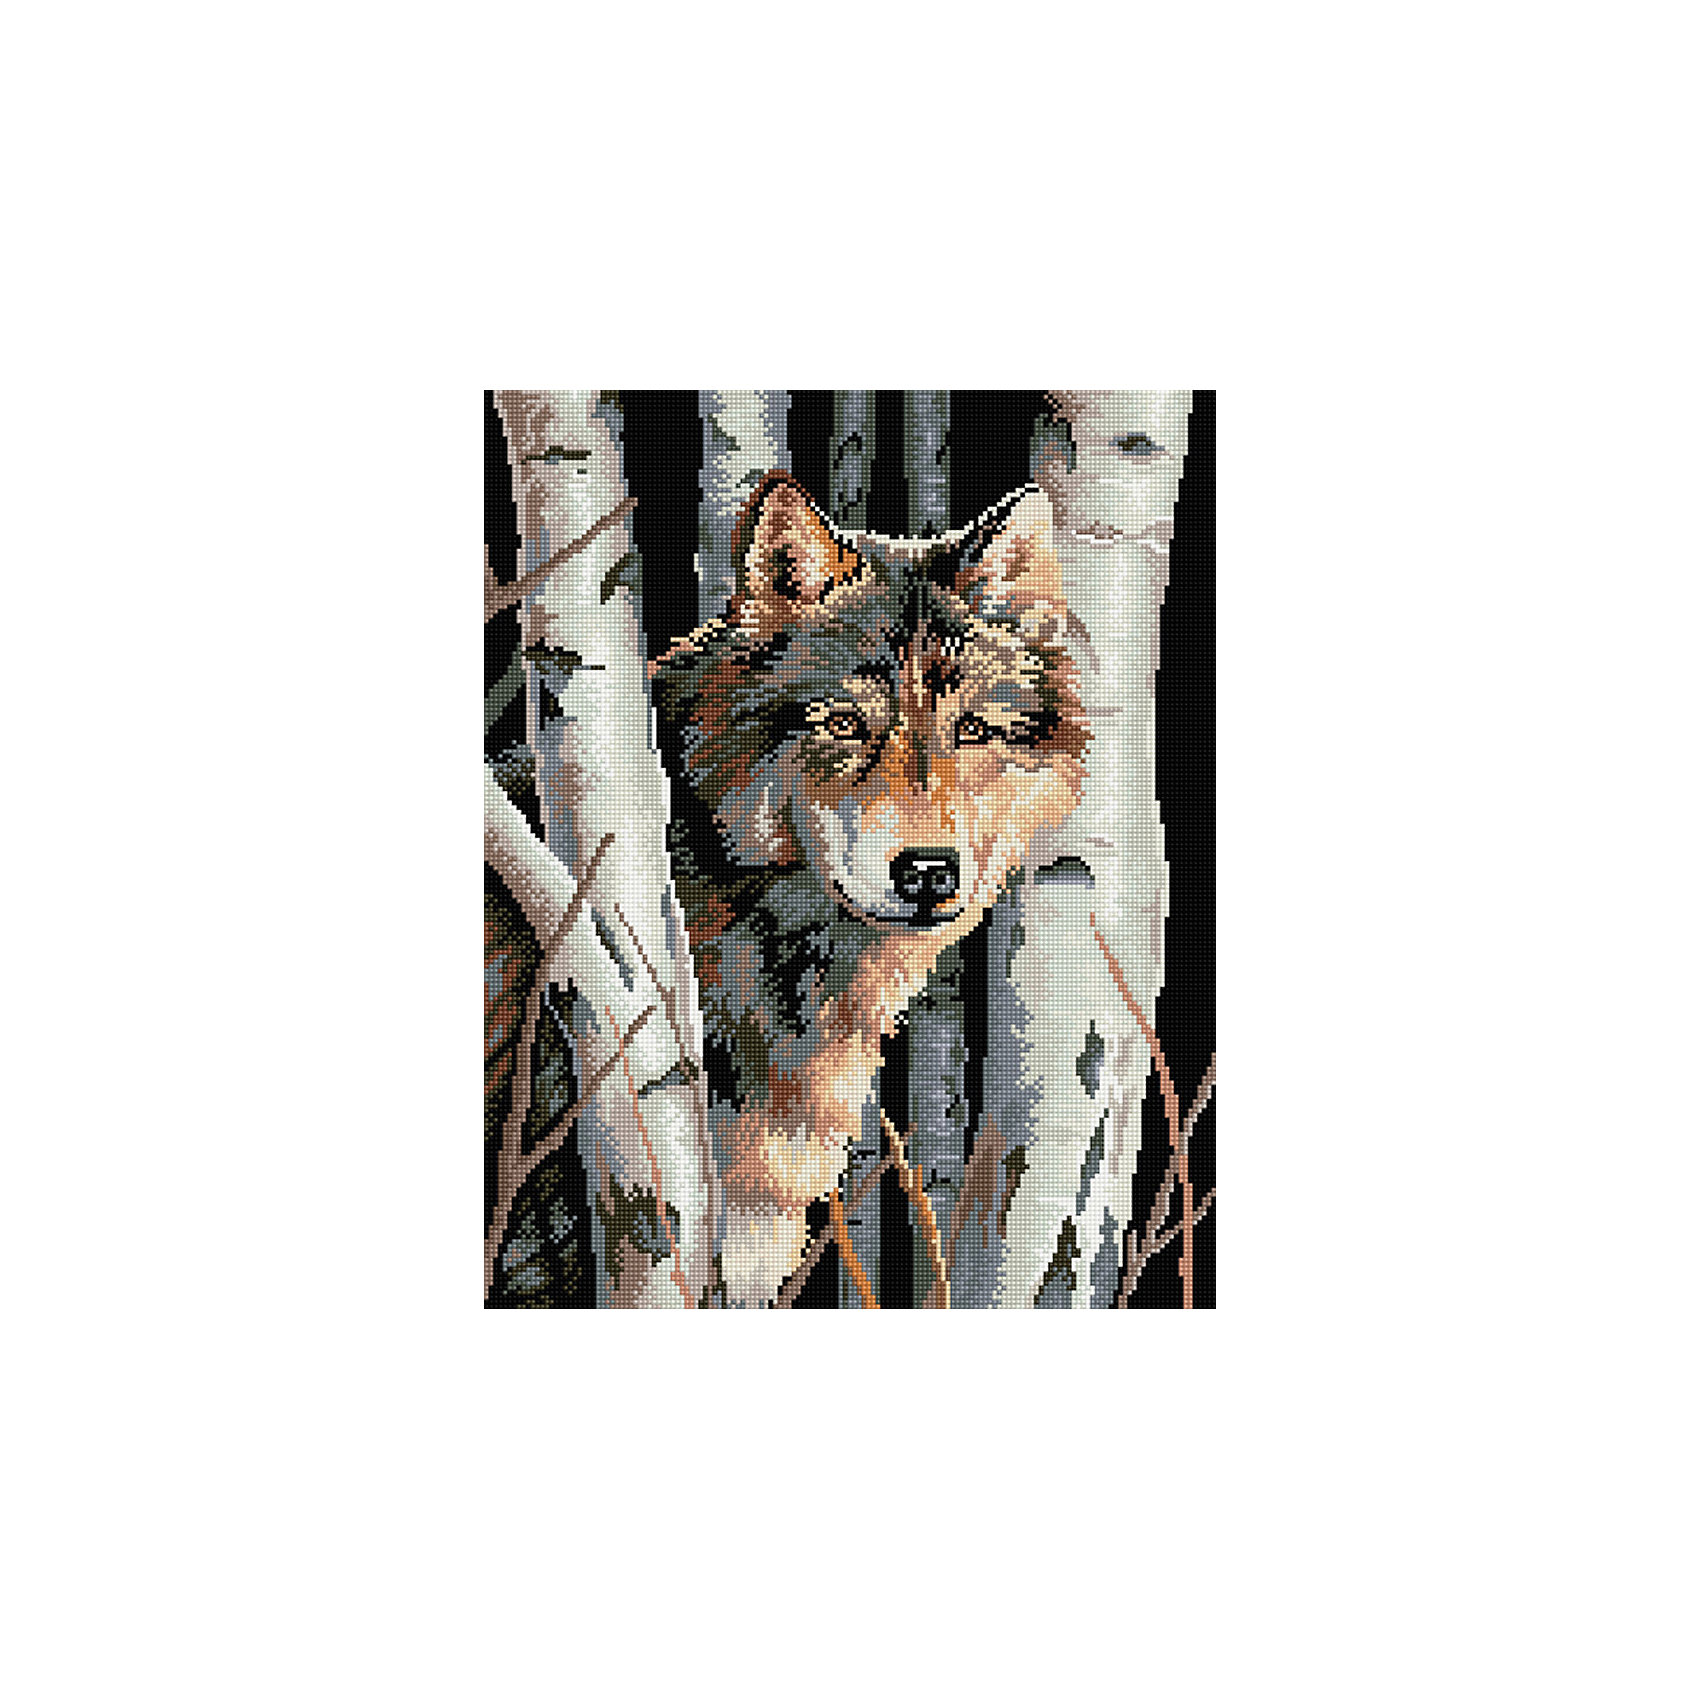 Алмазная мозаика Волк 40*50 смПоследняя цена<br>Характеристики:<br><br>• Предназначение: для занятий творчеством в технике алмазной живописи<br>• Тематика: Животные<br>• Пол: для девочек<br>• Уровень сложности: средний<br>• Материал: дерево, бумага, акрил, пластик<br>• Цвет: белый, серый, черный, оттенки коричневого и др.<br>• Количество цветов: 24<br>• Комплектация: холст на подрамнике, стразы, пинцет, карандаш для камней, клей, лоток для камней, инструкция<br>• Размеры (Ш*Д): 40*50 см<br>• Тип выкладки камней: сплошное заполнение рисунка<br>• Стразы квадратной формы <br>• Вес: 900 г <br>• Упаковка: картонная коробка<br><br>Алмазная мозаика Волк 40*50 см – это набор для создания картины в технике алмазной живописи. Набор для творчества включает в себя холст, на который нанесена схема рисунка, комплекта разноцветных страз квадратной формы, подрамника и инструментов для выкладки узора. Все использованные в наборе материалы экологичные и нетоксичные. Картина выполняется в технике сплошного заполнения декоративными элементами поверхности холста, что обеспечивает высокую реалистичность рисунка. На схеме изображен волк среди берез. <br>Готовые наборы для алмазной мозаики – это оптимальный вариант для любителей рукоделия, так как в них предусмотрены все материалы в требуемом для изготовления картины количестве. Занятия алмазной живописью позволят развивать навыки чтения схем, выполнения заданий по образцу, будут способствовать внимательности, терпению и развитию мелкой моторики. <br>Наборы алмазной мозаики могут быть преподнесены в качестве подарка не только девочкам, но и взрослым любительницам рукоделия.<br><br>Алмазную мозаику Волк 40*50 см можно купить в нашем интернет-магазине.<br><br>Ширина мм: 420<br>Глубина мм: 520<br>Высота мм: 50<br>Вес г: 900<br>Возраст от месяцев: 96<br>Возраст до месяцев: 2147483647<br>Пол: Женский<br>Возраст: Детский<br>SKU: 5217137